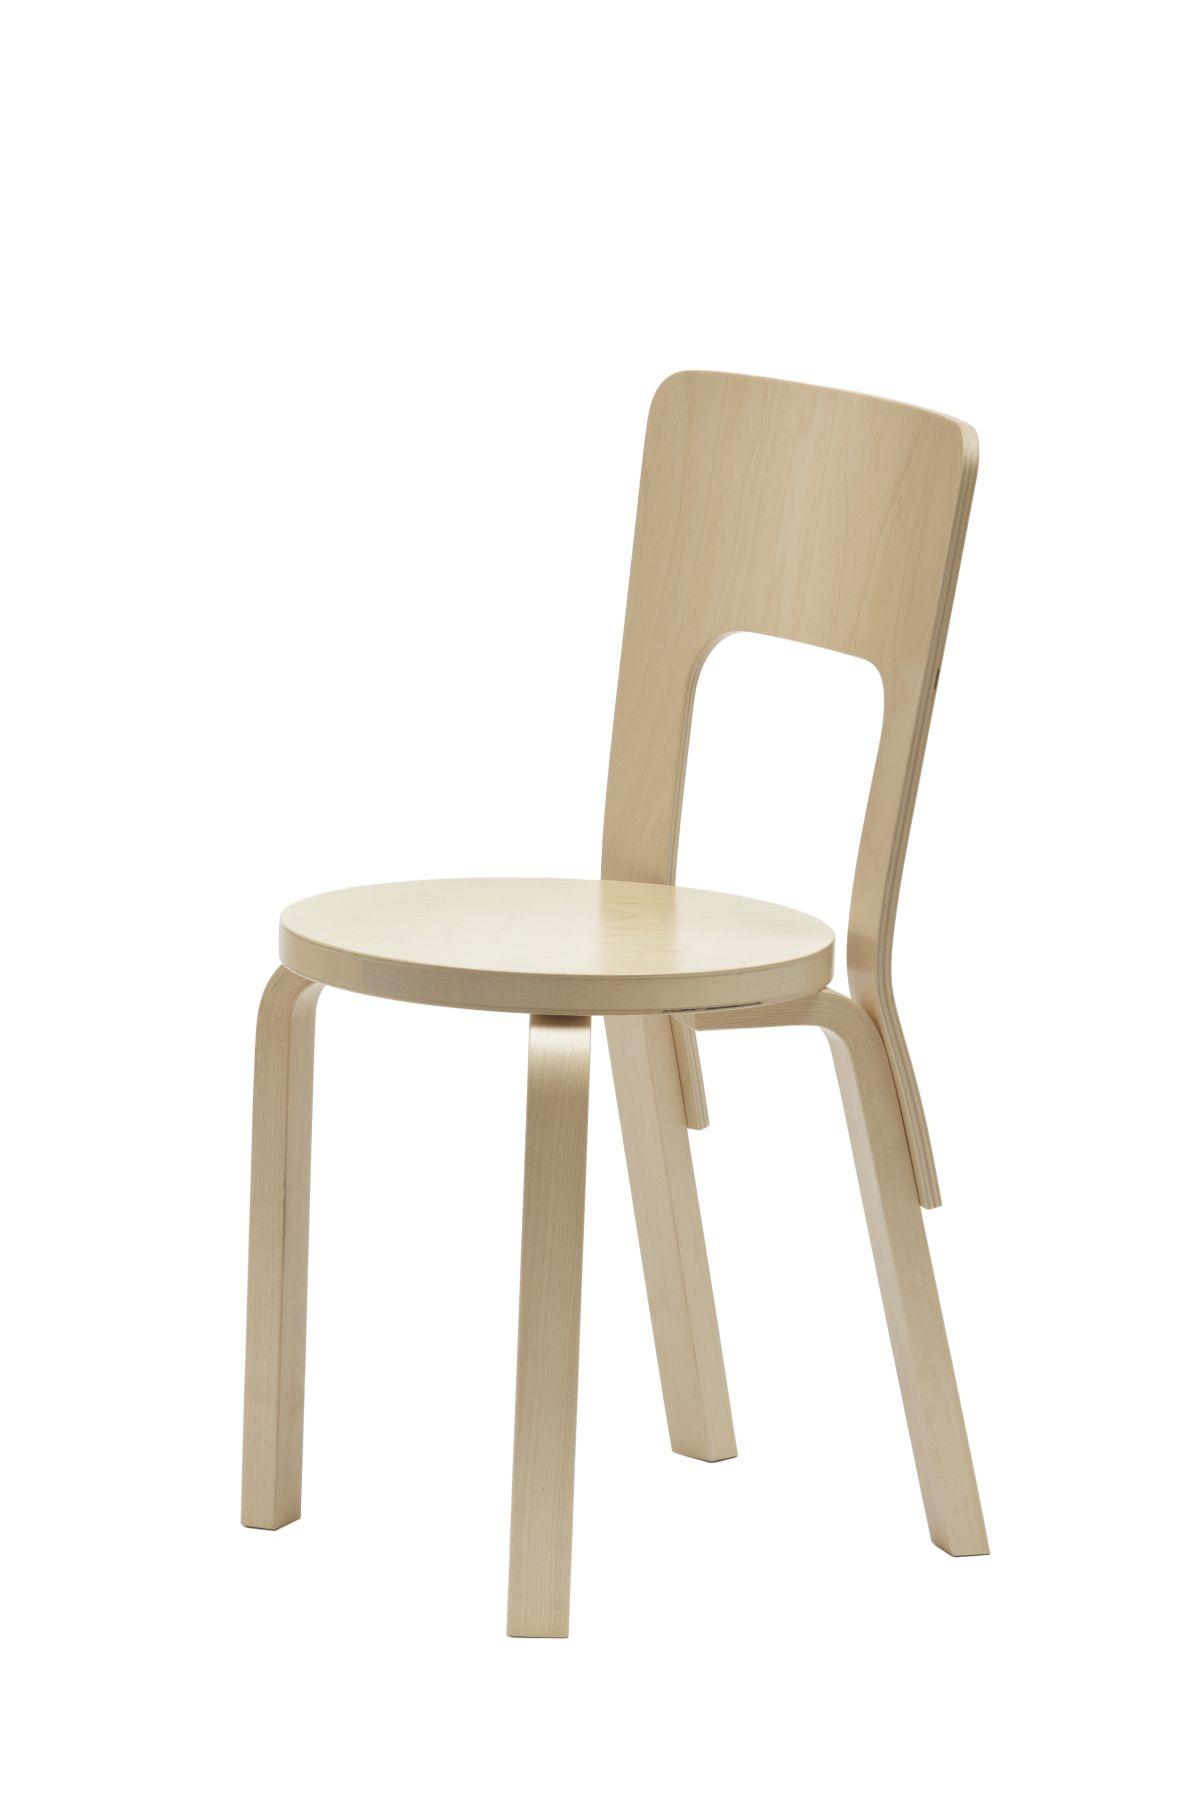 Chair 66 birch 2